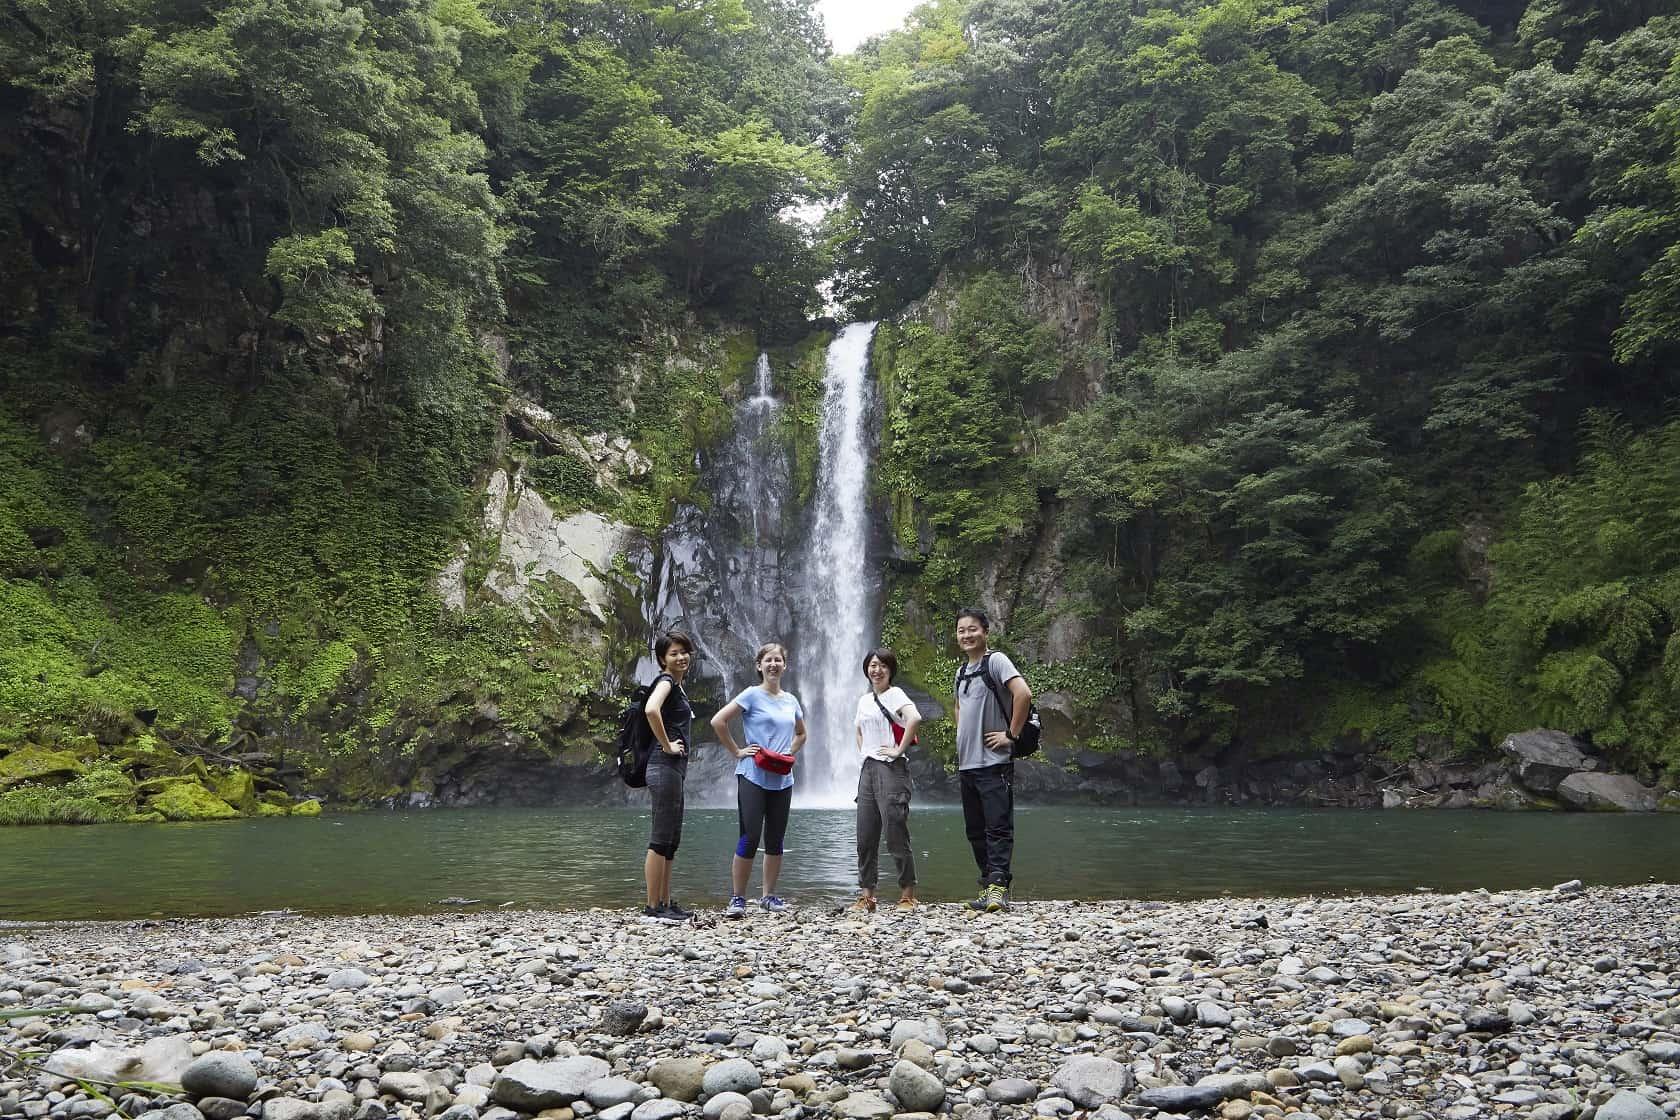 น้ำตกฮัตตัน (Hattan Falls) สถานที่พักผ่อนหย่อนใจใน คิโนะซากิออนเซ็น ของเหล่านัก ปั่นจักรยาน